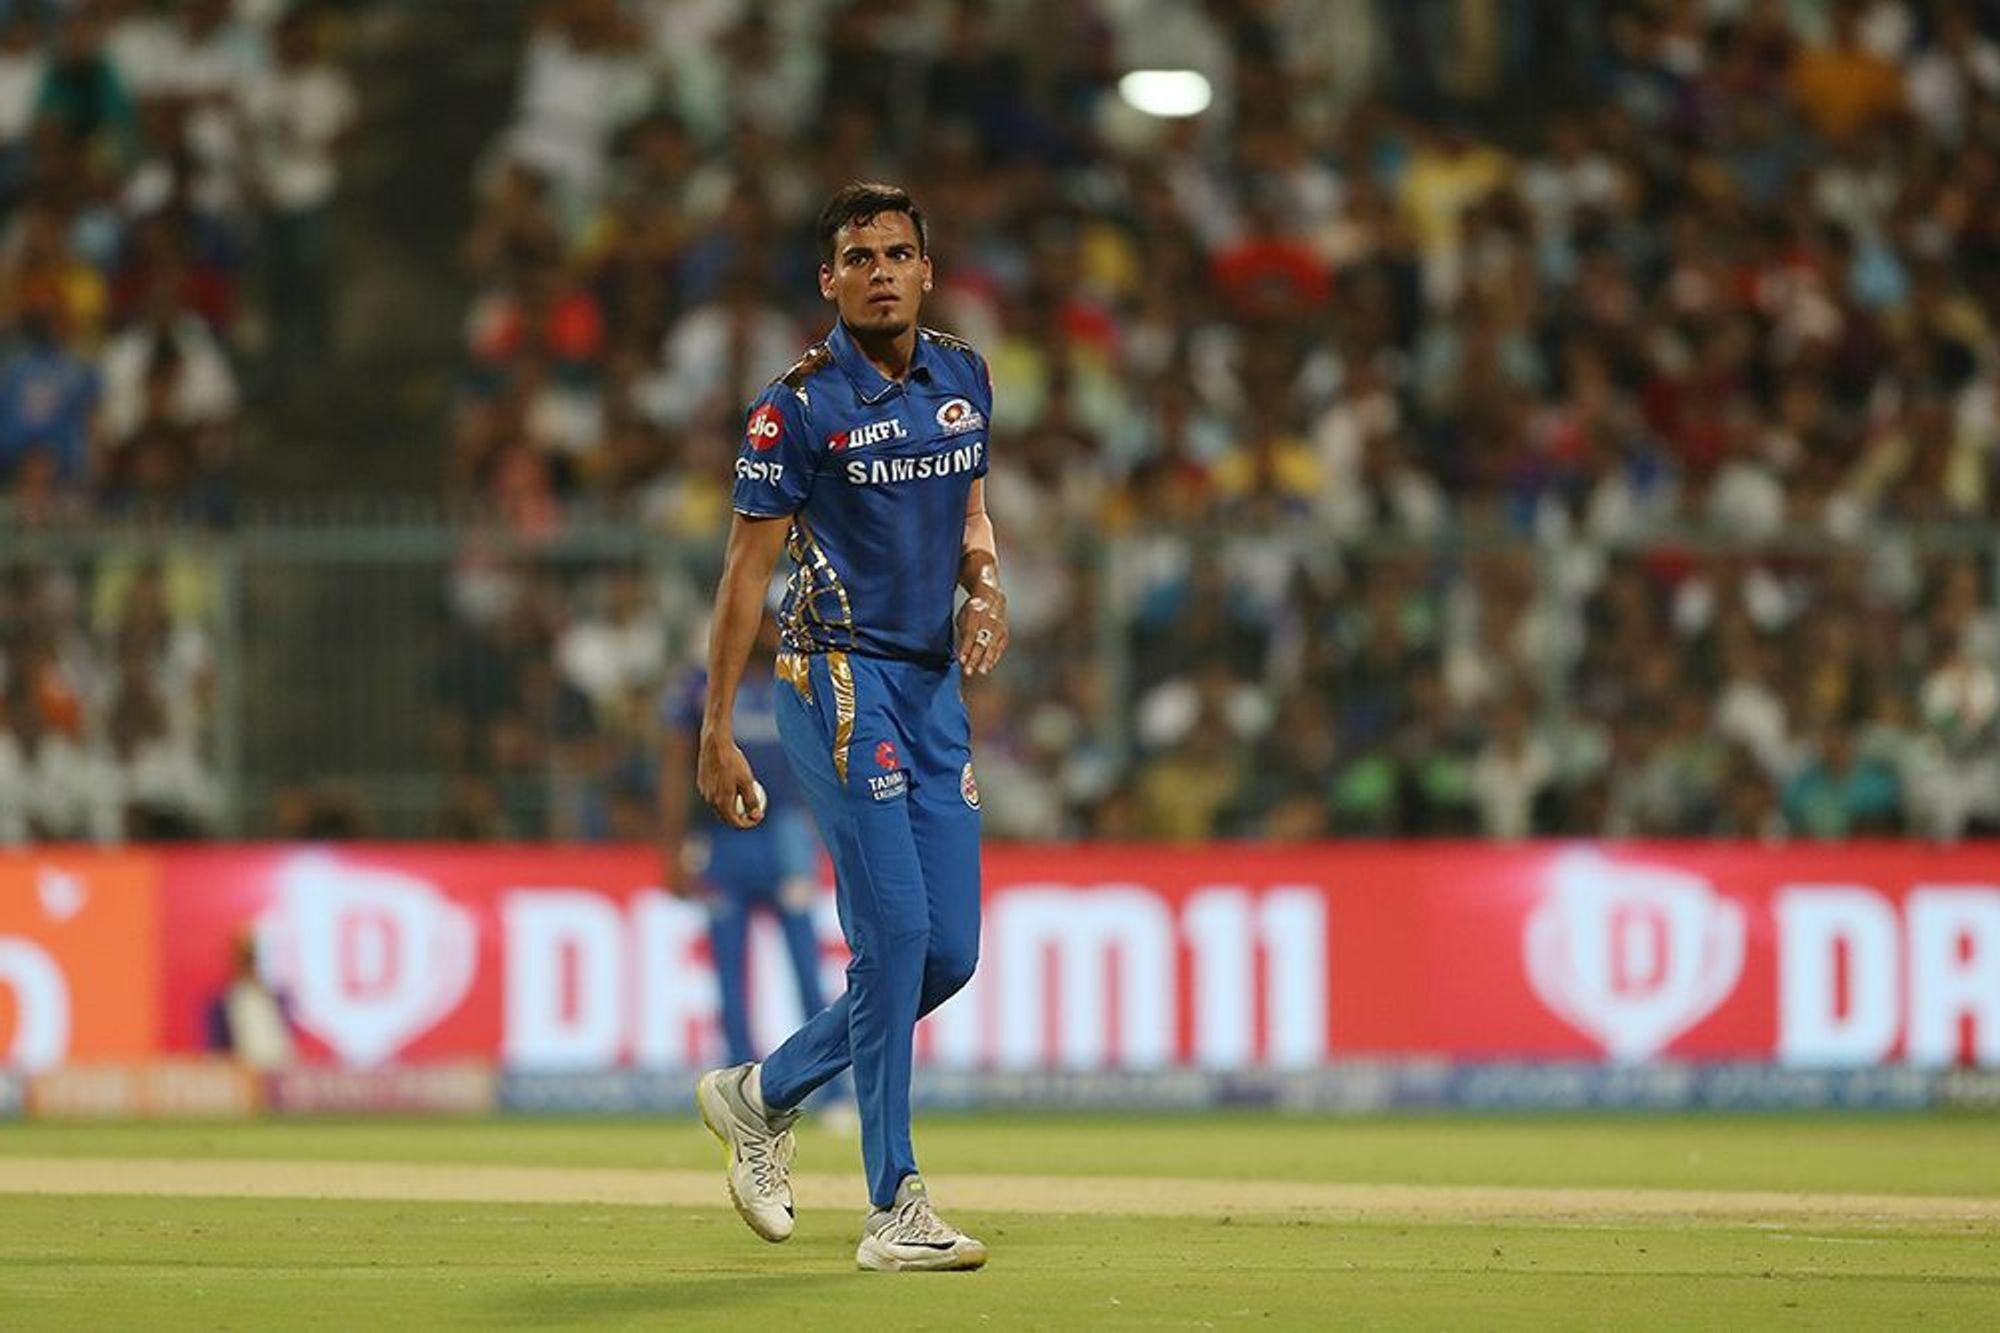 आईपीएल 2019: राहुल चाहर ने खोला अपनी शानदार गेंदबाजी का राज, चेन्नई सुपर किंग्स के इस गेंदबाज से फोन पर लेते हैं टिप्स 2